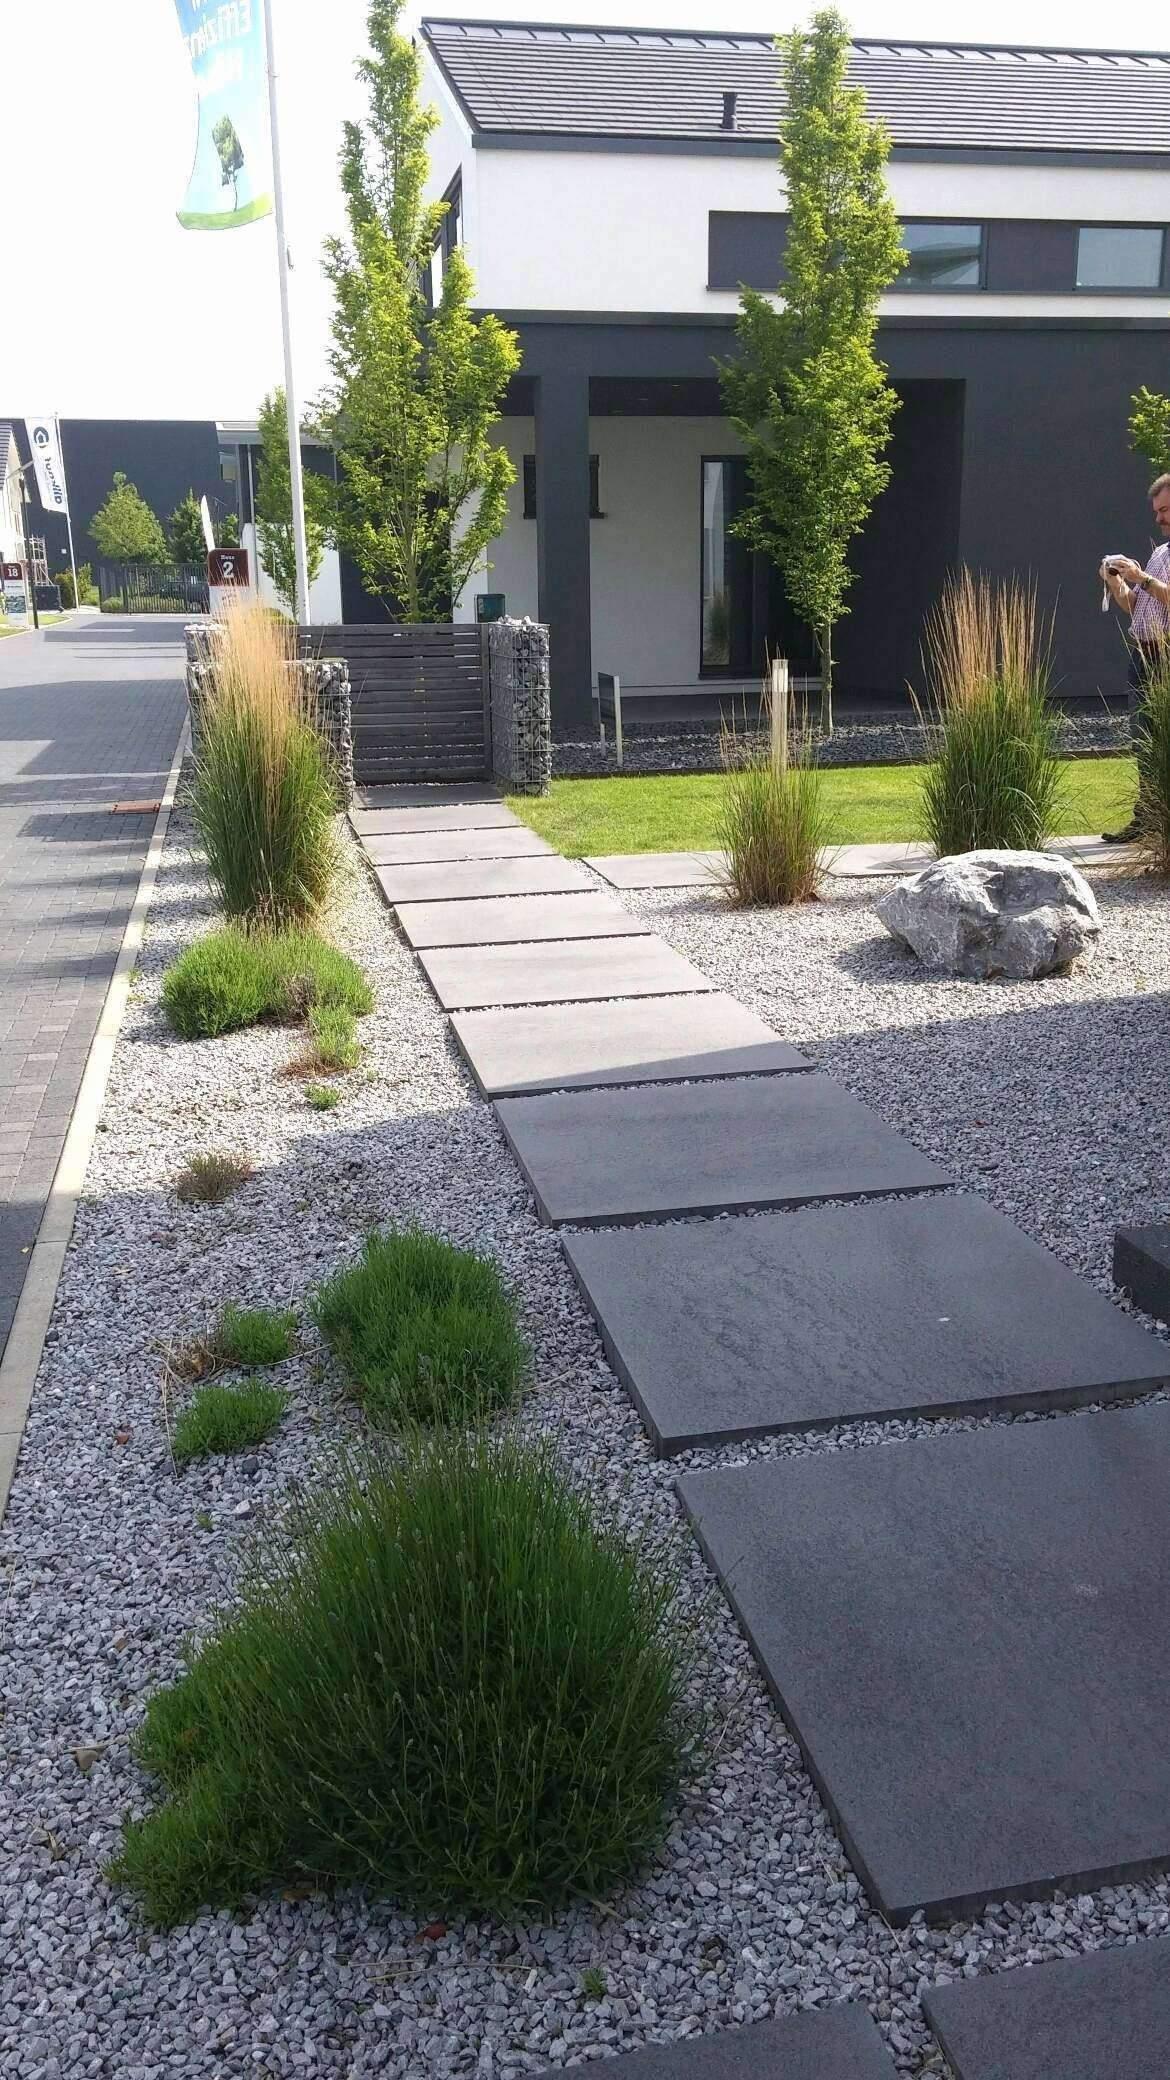 Kugelleuchten Garten solar Neu 31 Inspirierend Aussenleuchten Garten Reizend